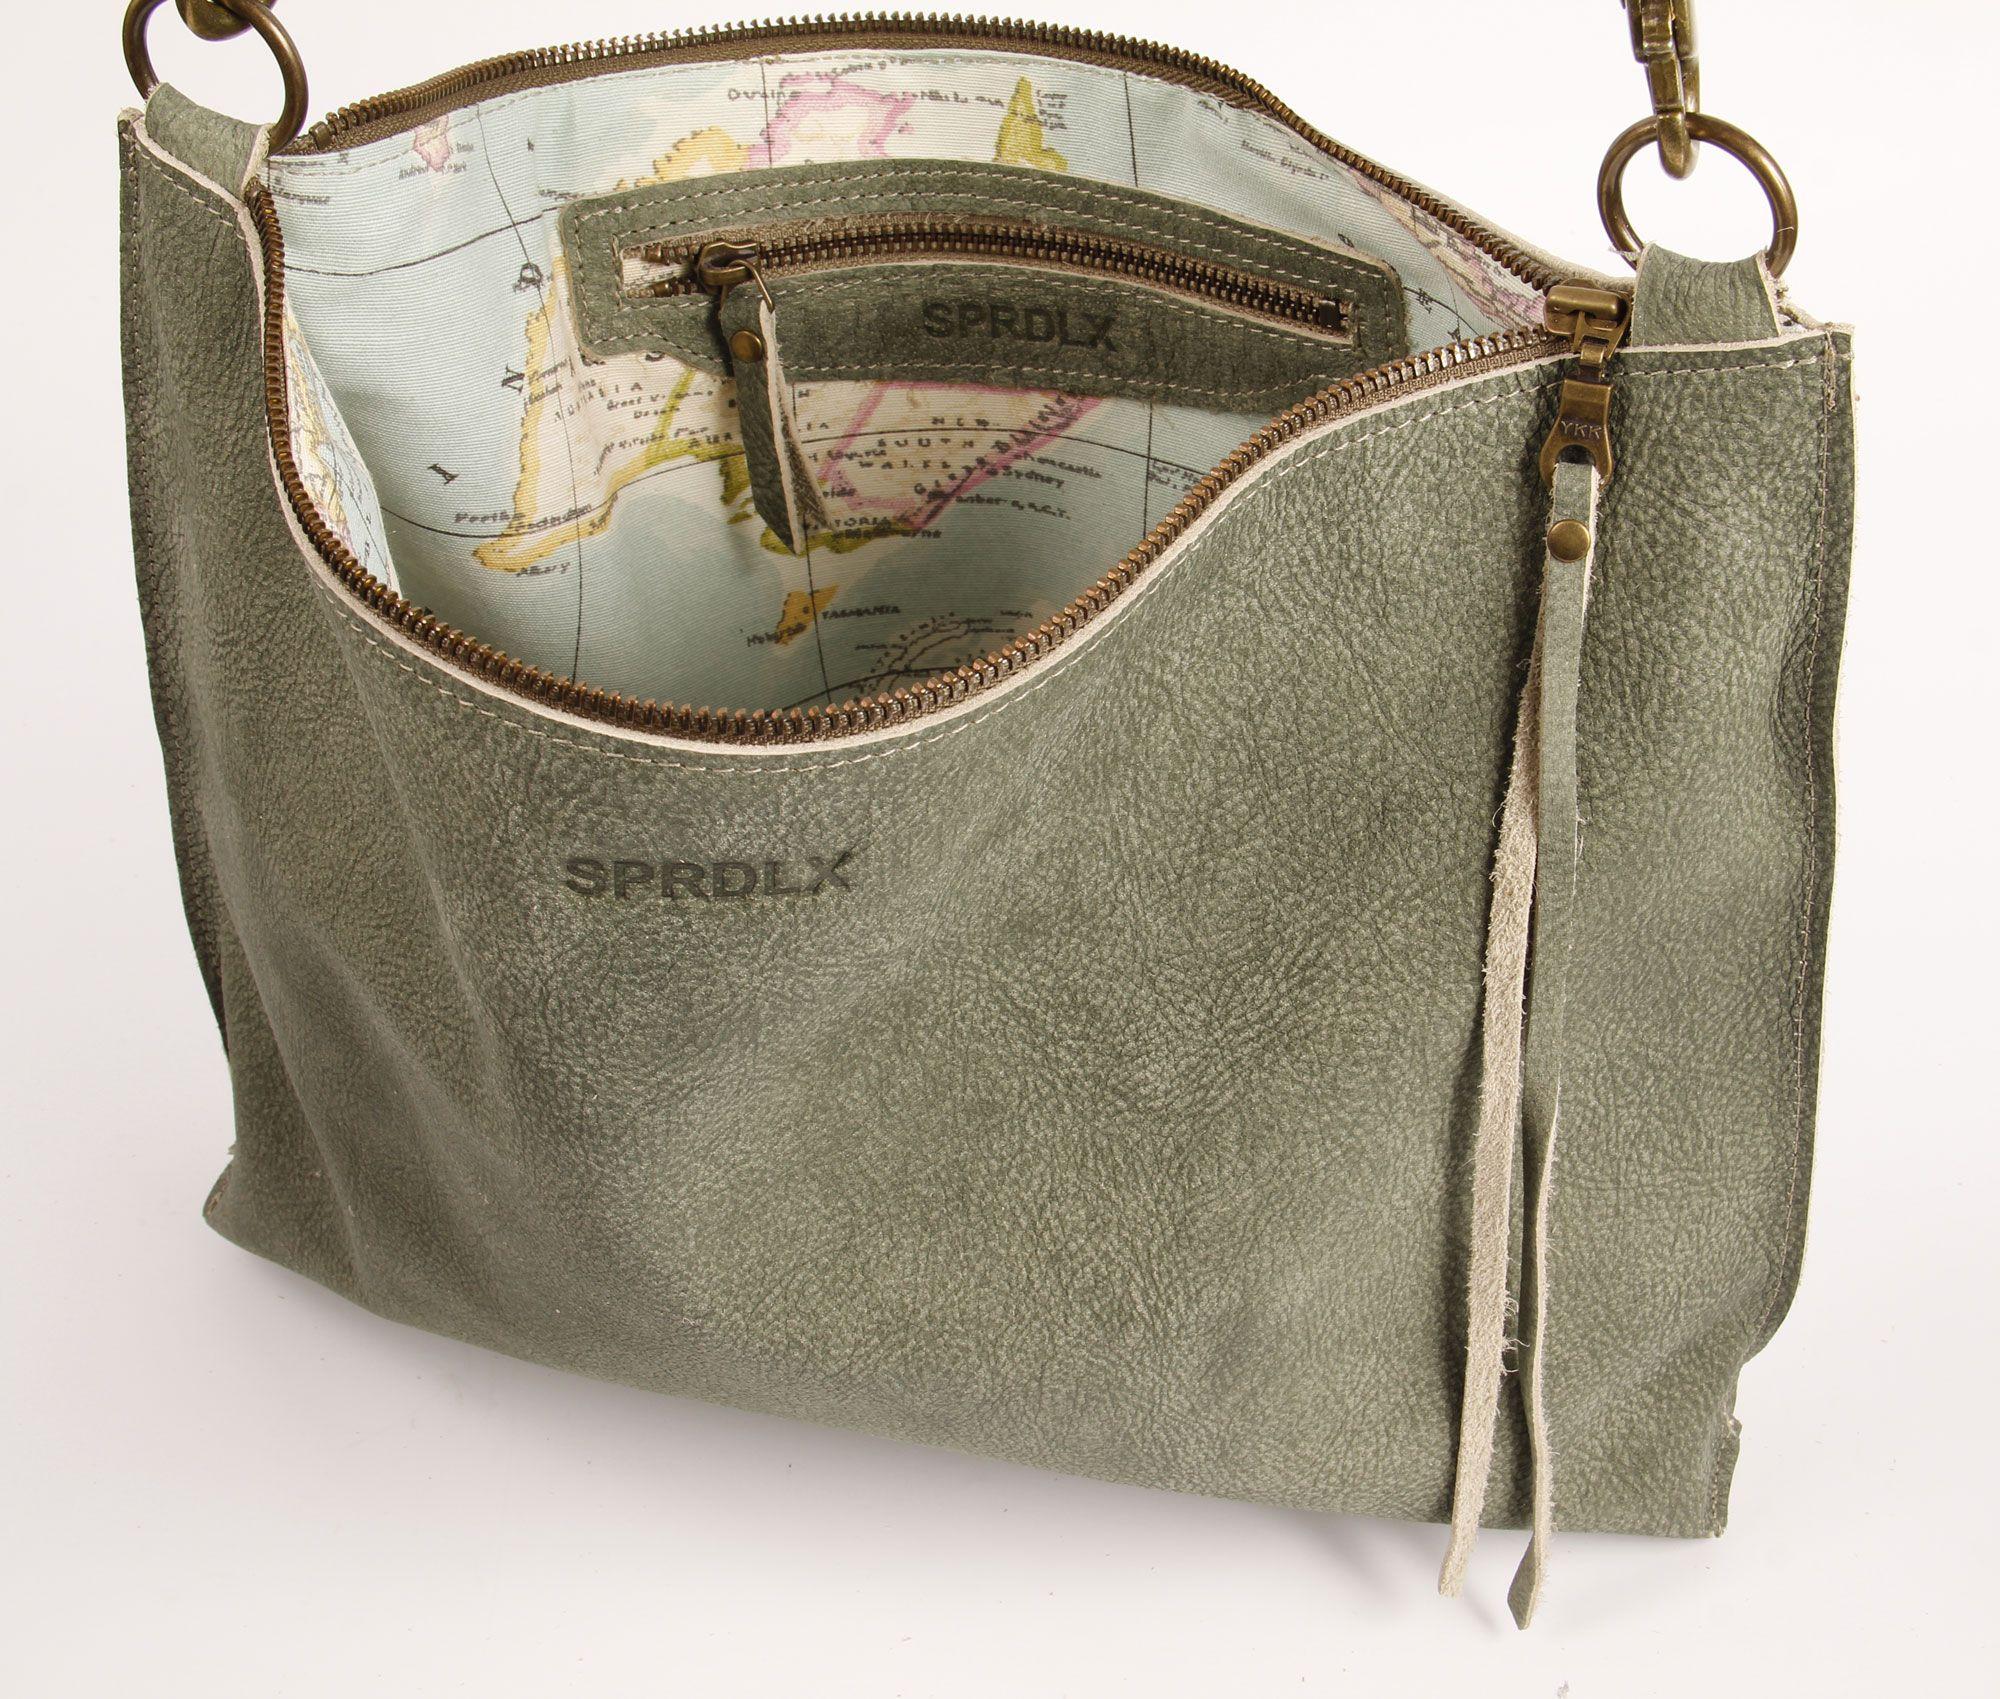 Handgemaakte Vilten Tas : Leren schouder tas crossbody leather sprdlx